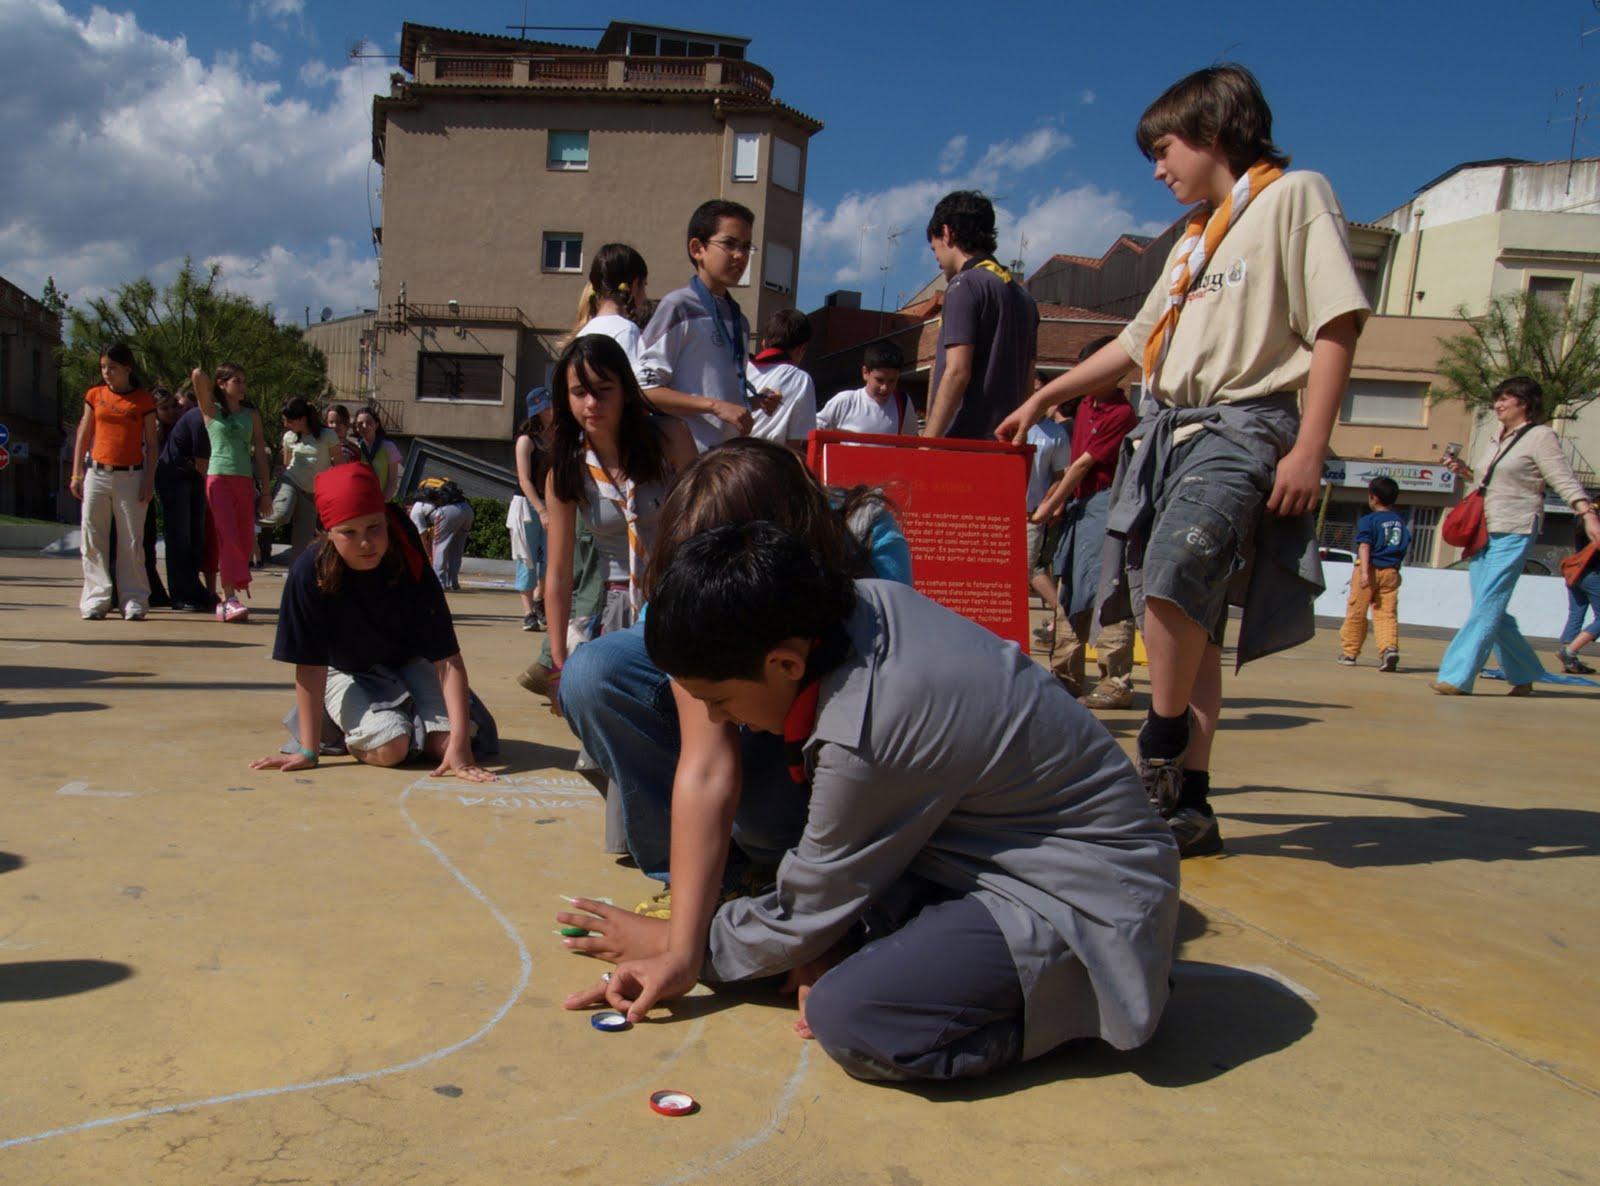 juegos tradicionales y fiesta parque con de juegos tradicionales para